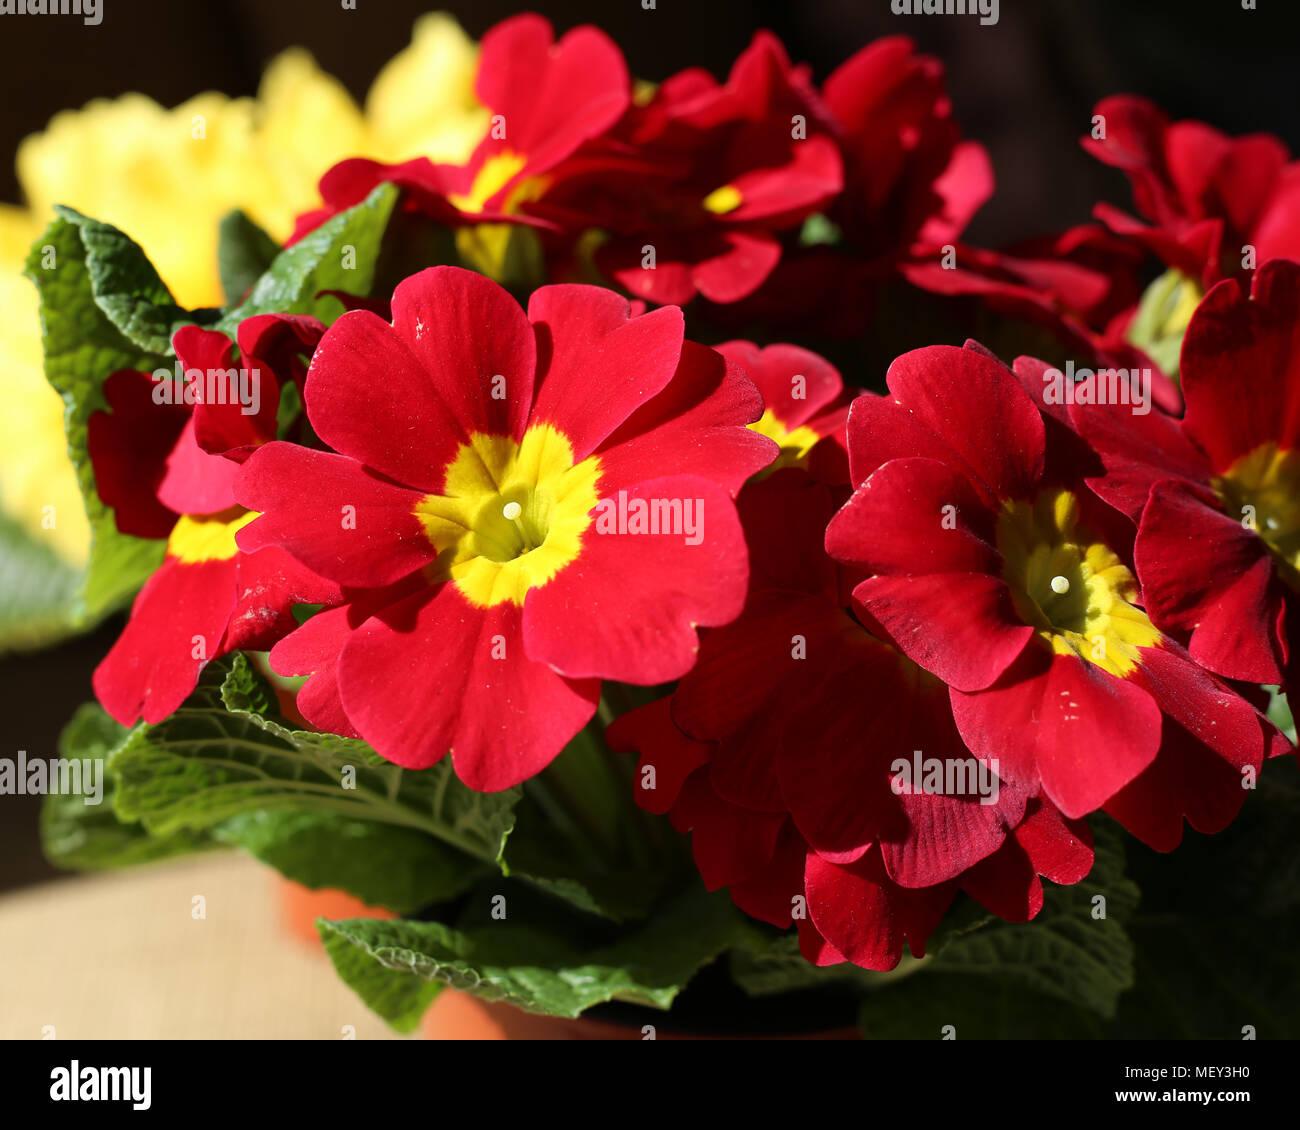 Hermosas Flores De Color Rojo Y Amarillo Fotografiados Bajo Luz Natural Colores Brillantes Y Una Luz Interesante Fotografía De Stock Alamy